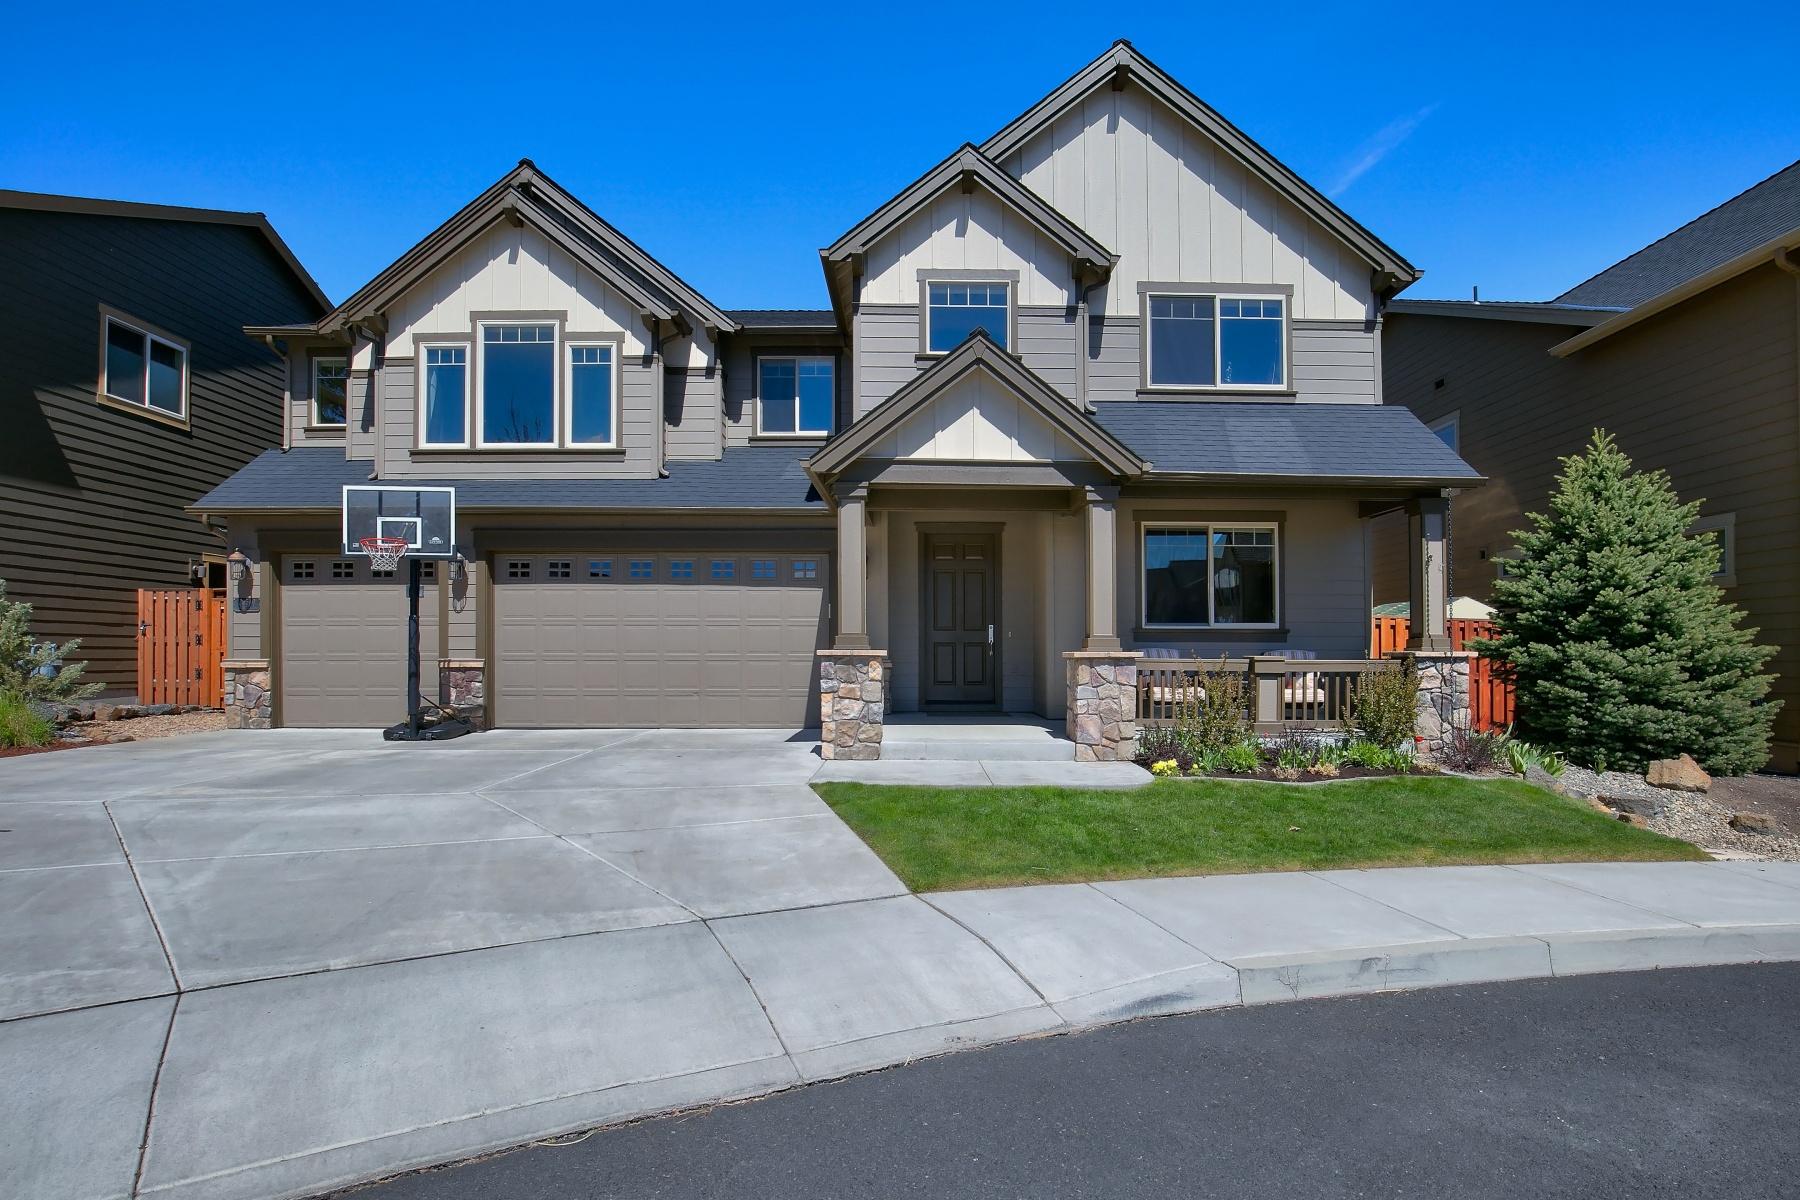 Einfamilienhaus für Verkauf beim Great Home in Sunmeadow! 20540 Jacklight Bend, Oregon, 97702 Vereinigte Staaten